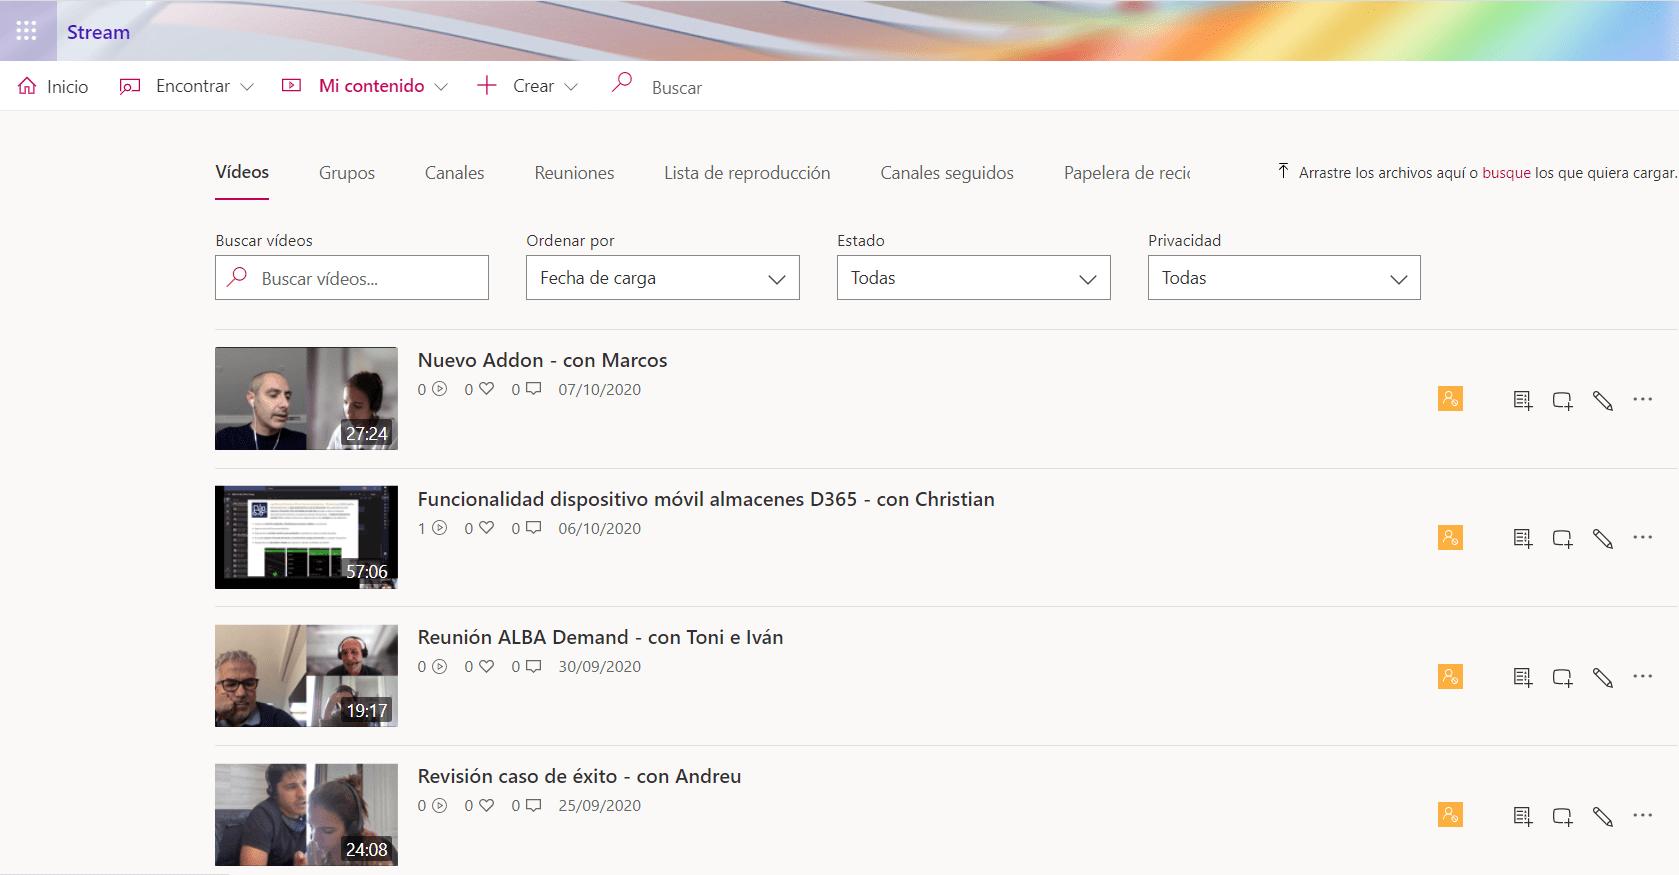 Portal de Stream, donde se guardan las grabaciones de reuniones